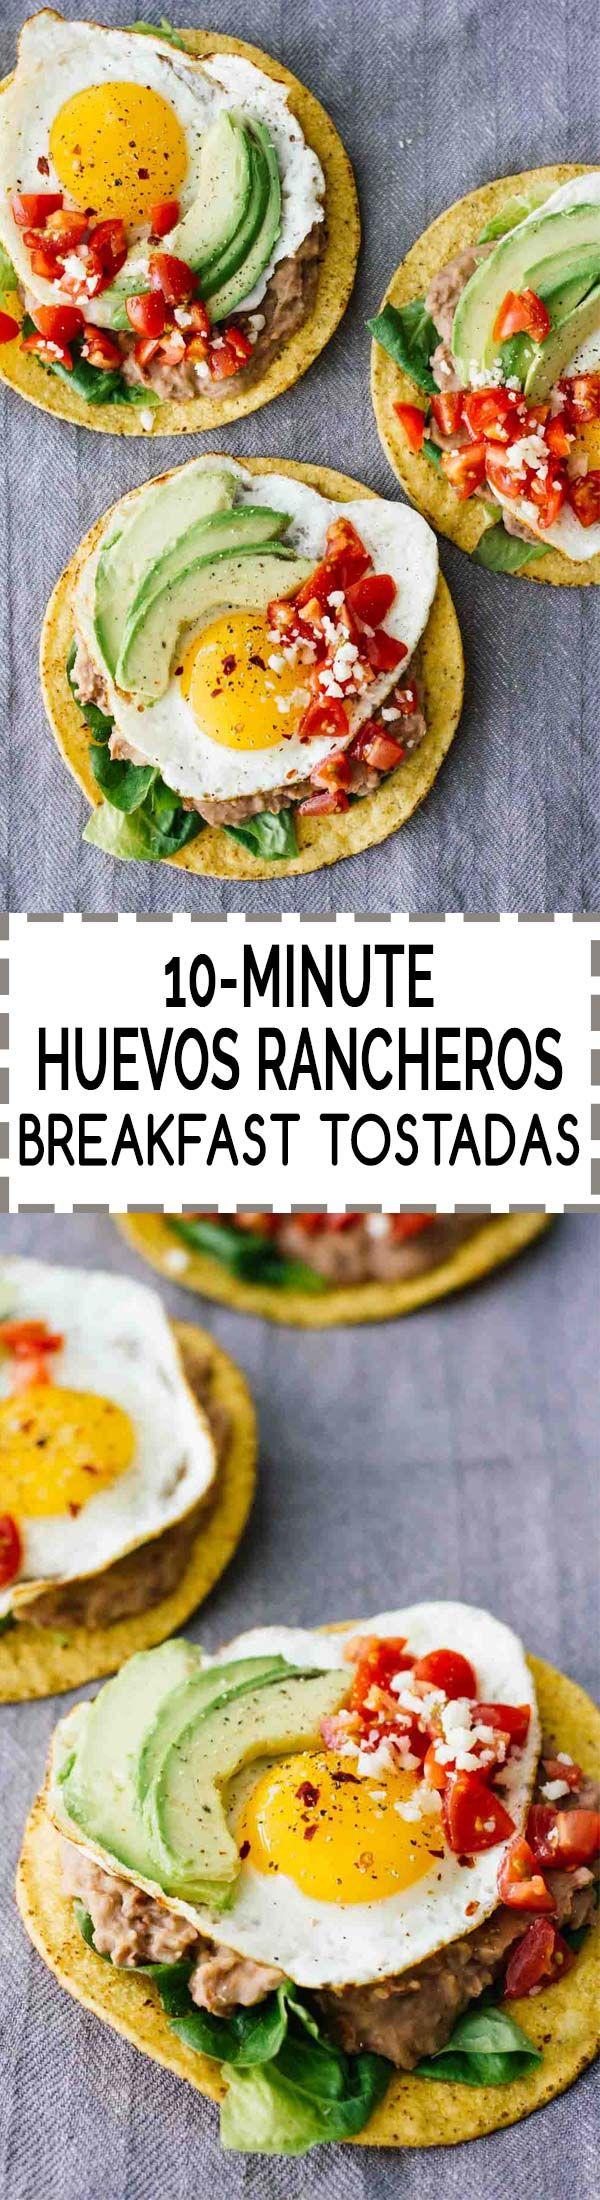 10 Minute Huevos Rancheros Breakfast Tostadas